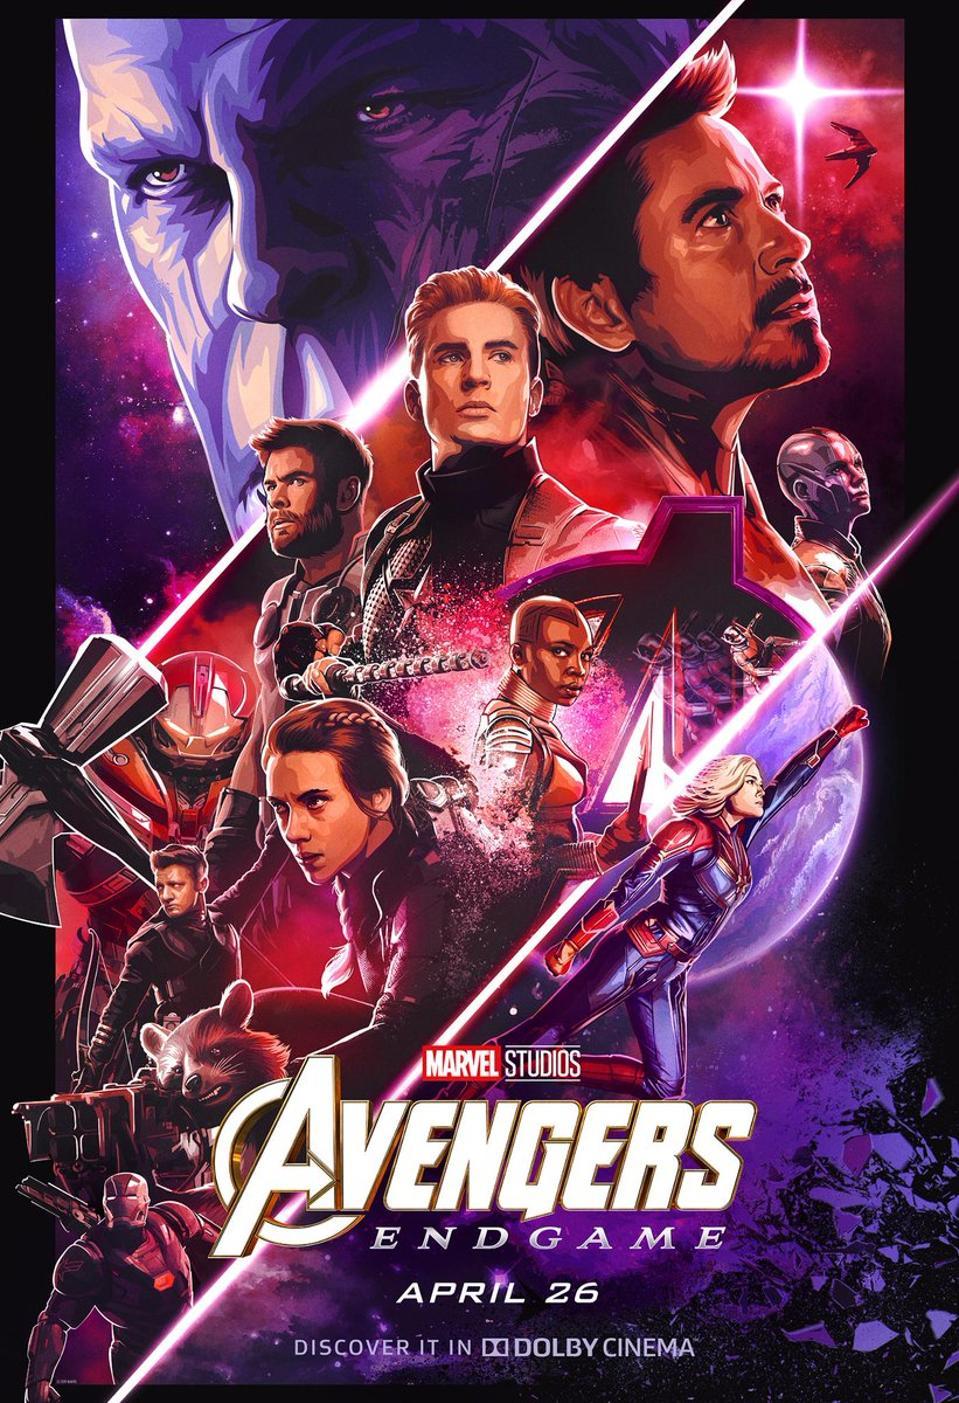 Official poster for Avengers: Endgame